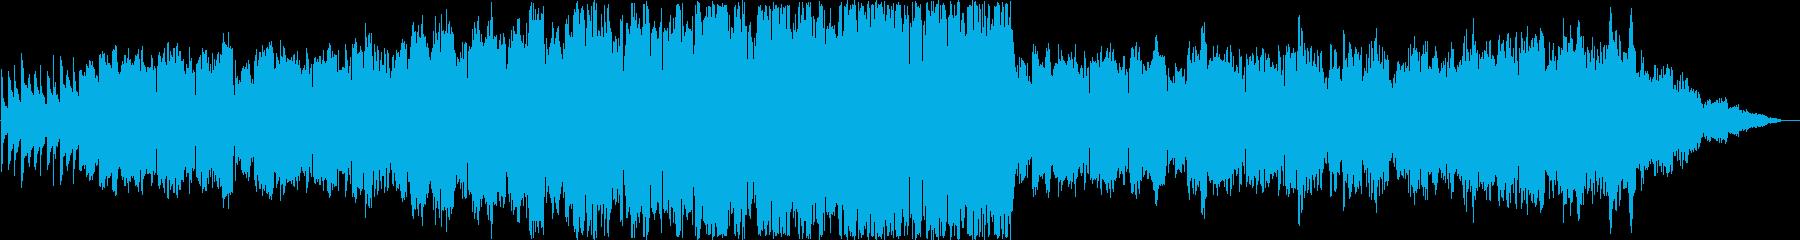 哀しげなシンセ・管楽器サウンドの再生済みの波形